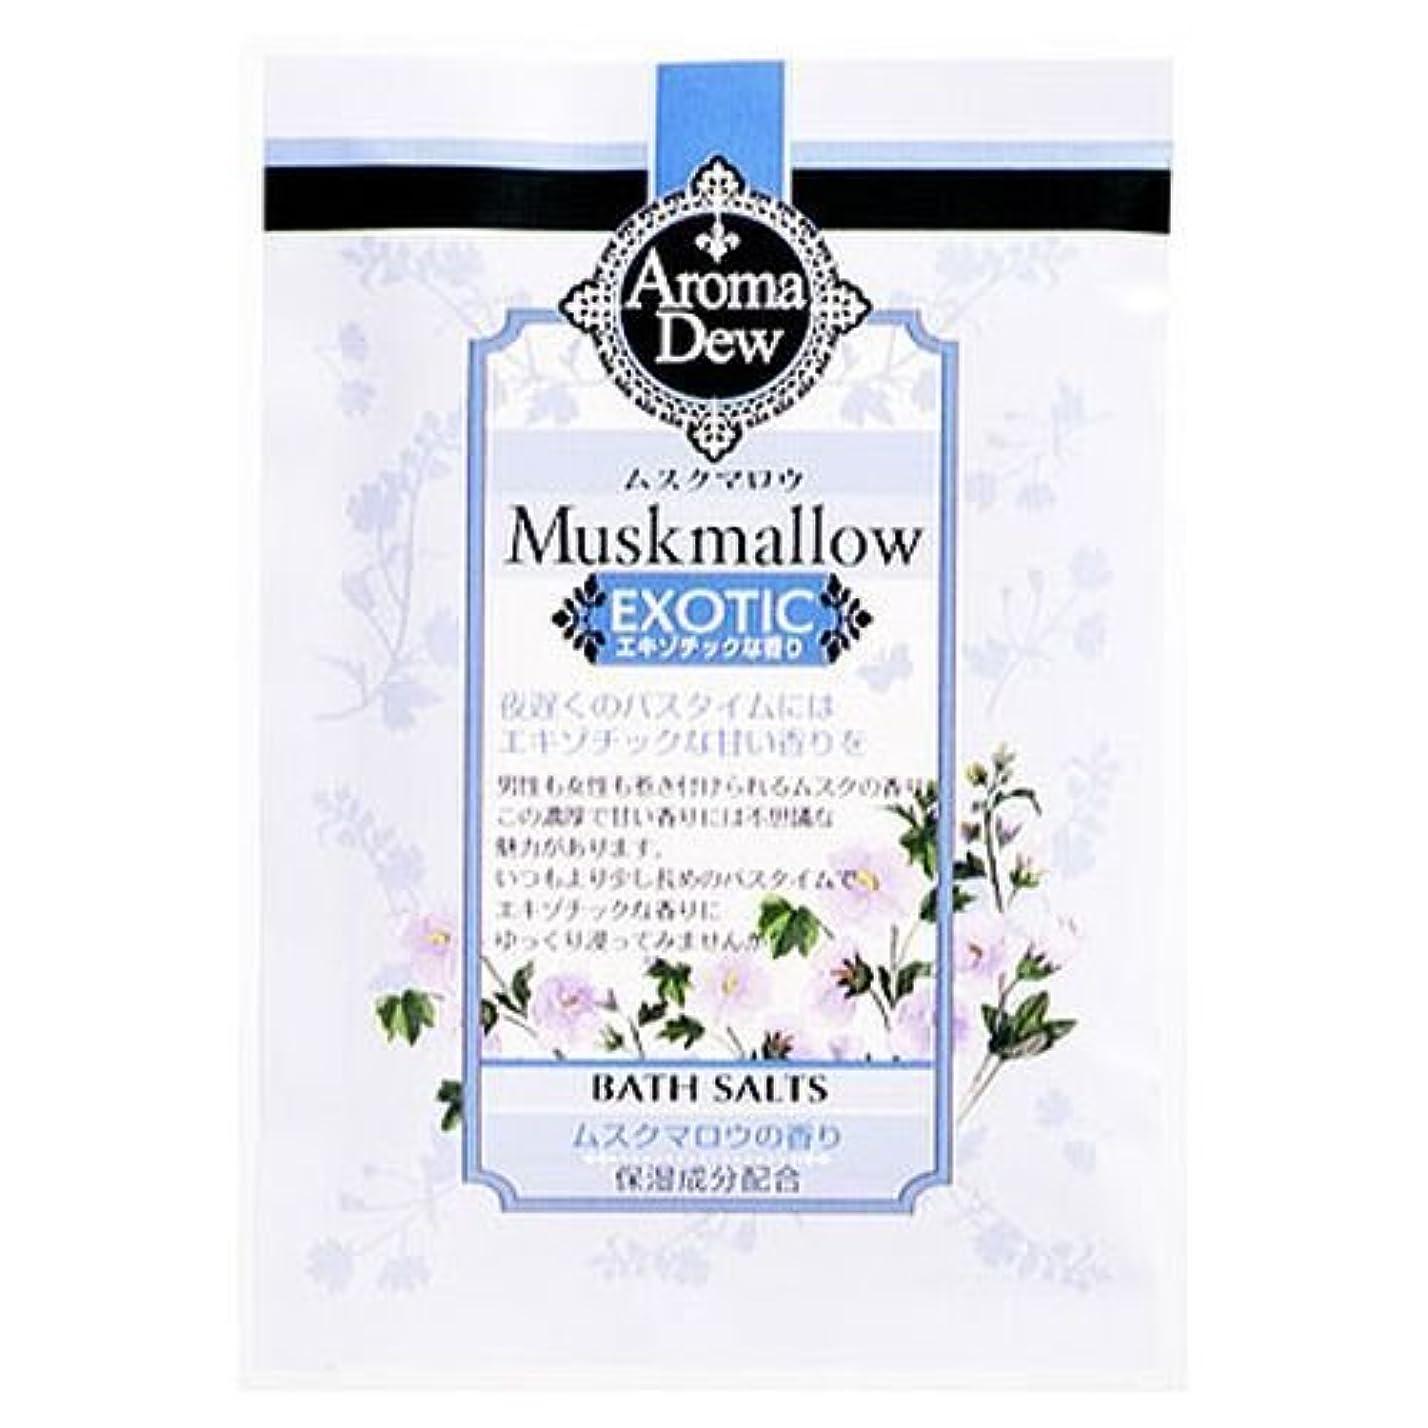 順番表示南クロバーコーポレーション アロマデュウ バスソルト ムスクマロウの香り ムスクマロウ